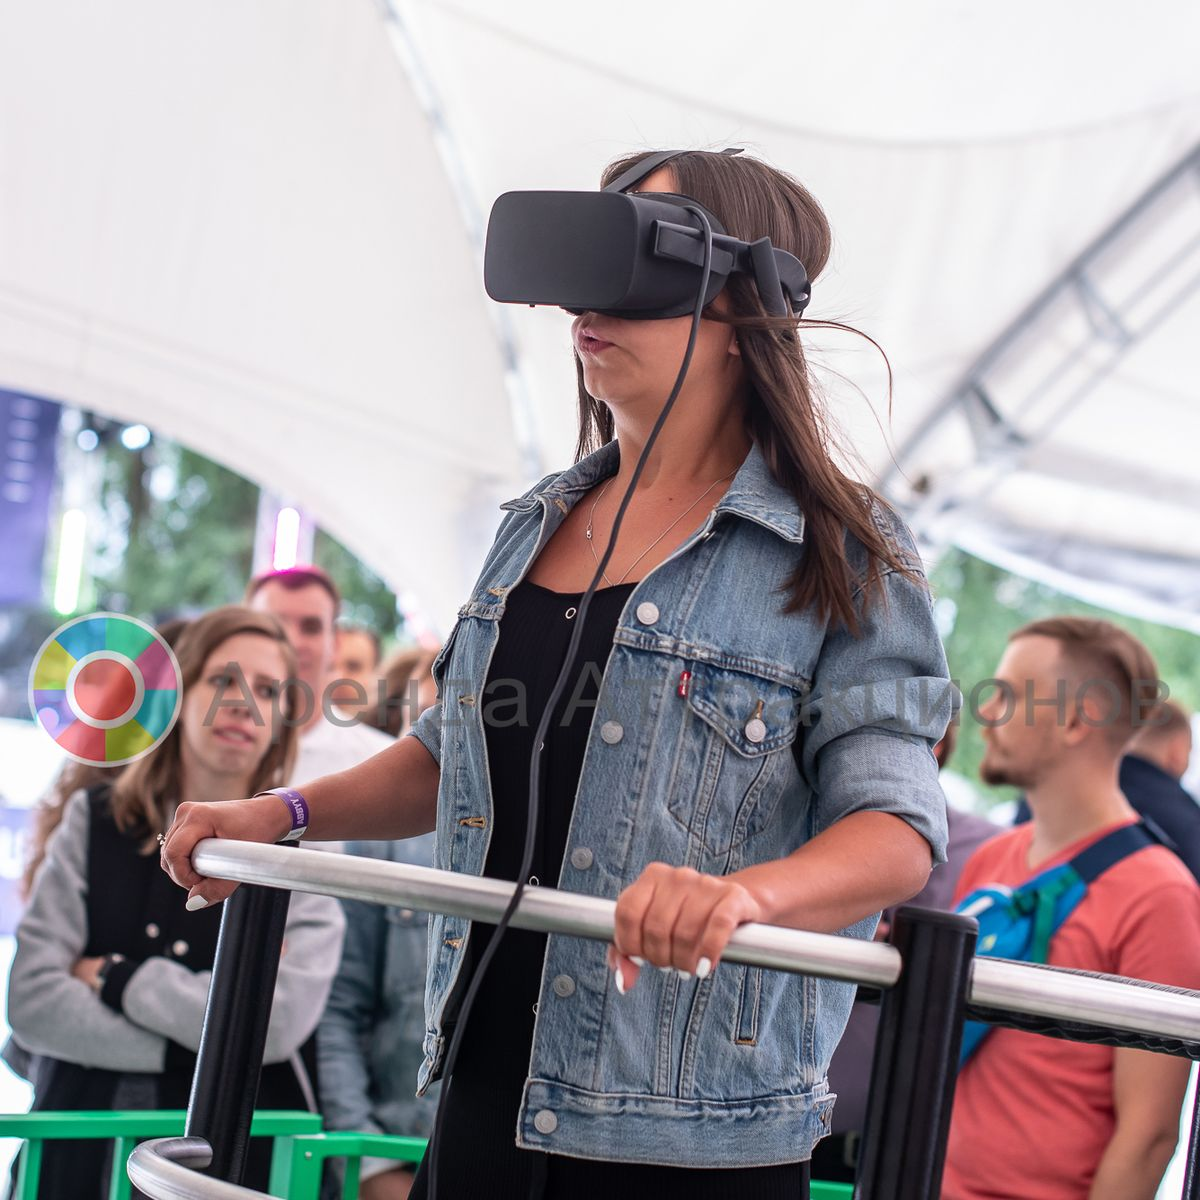 Аренда Платформы VR